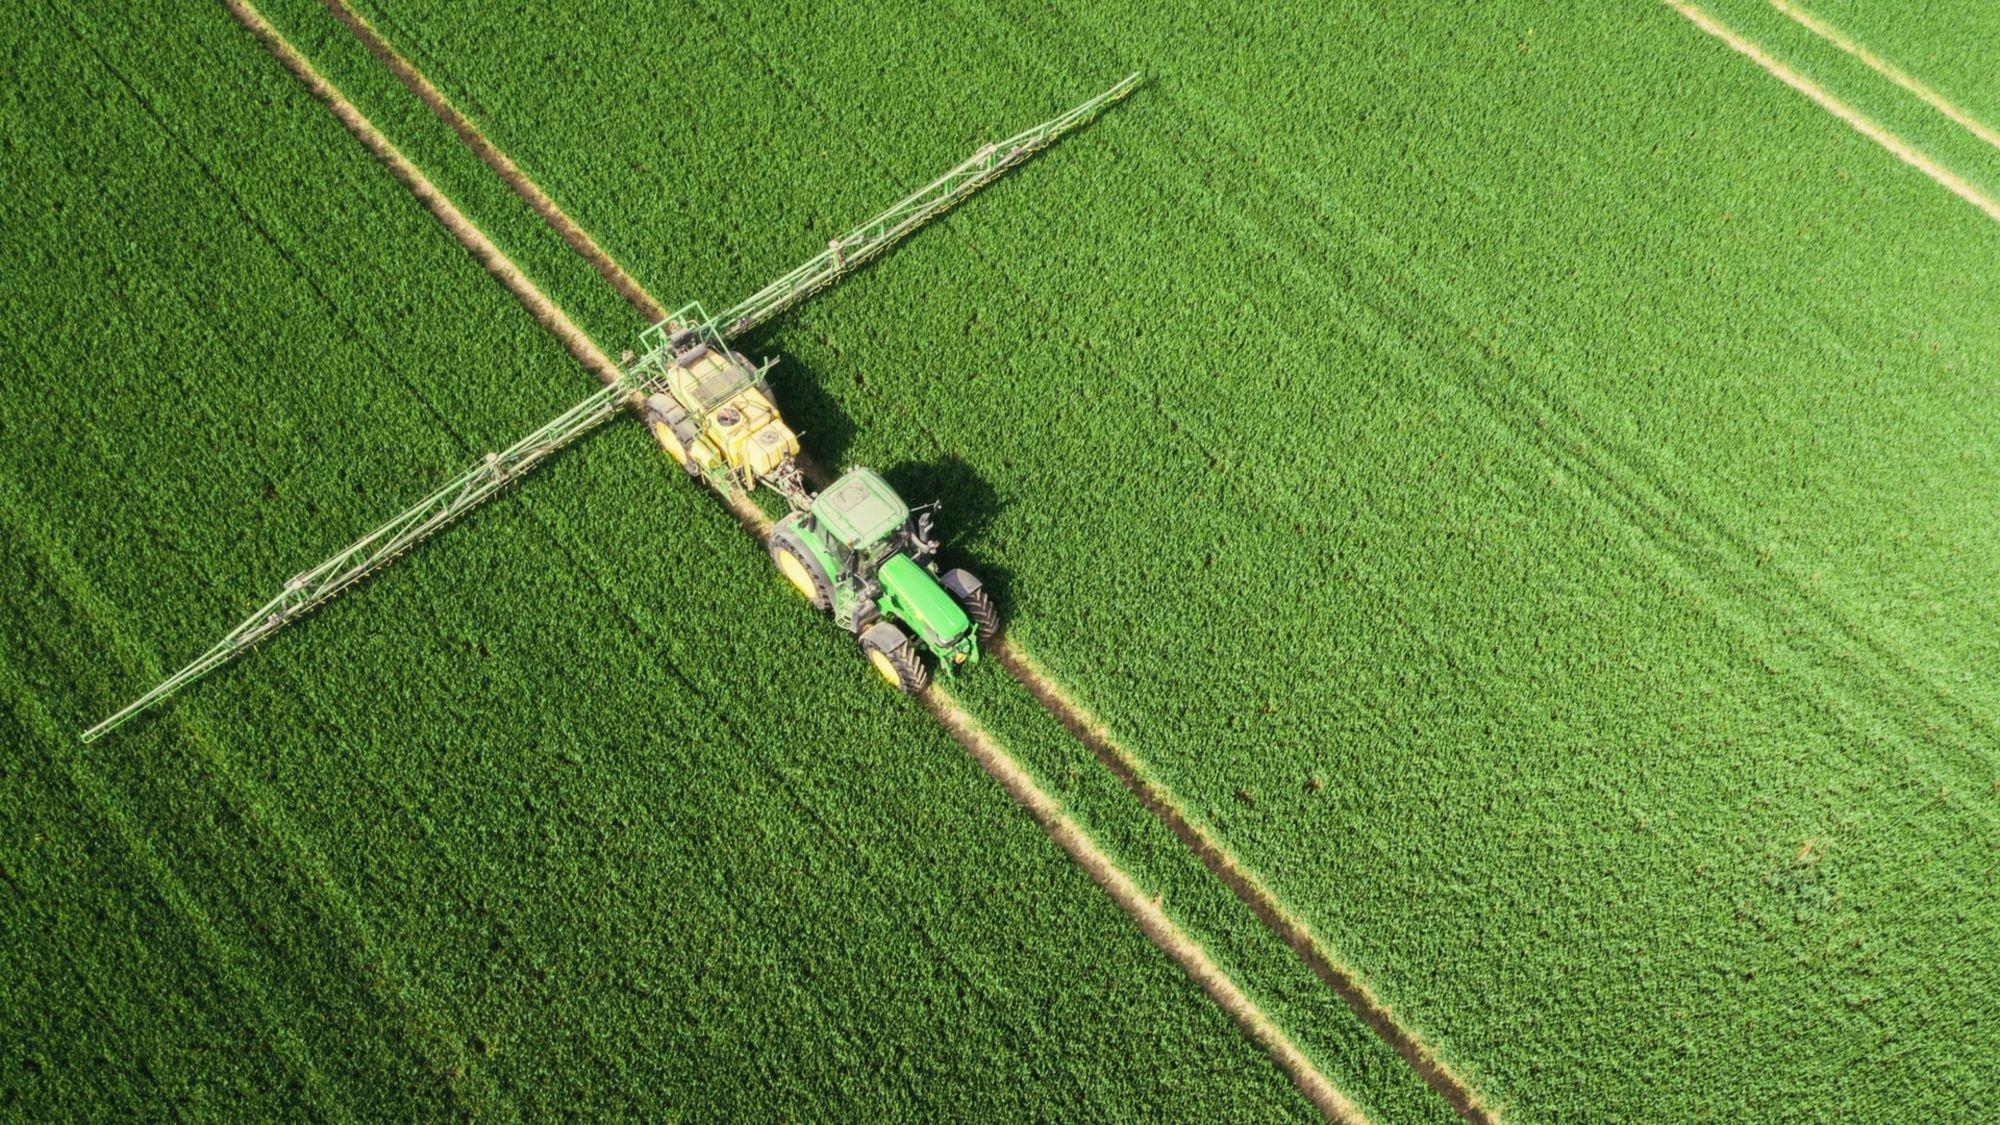 Luftbildaufnahme eines Traktors, der auf einem grünen Feld Dünger ausbringt. Copyright: © 2021Netflix, Inc.